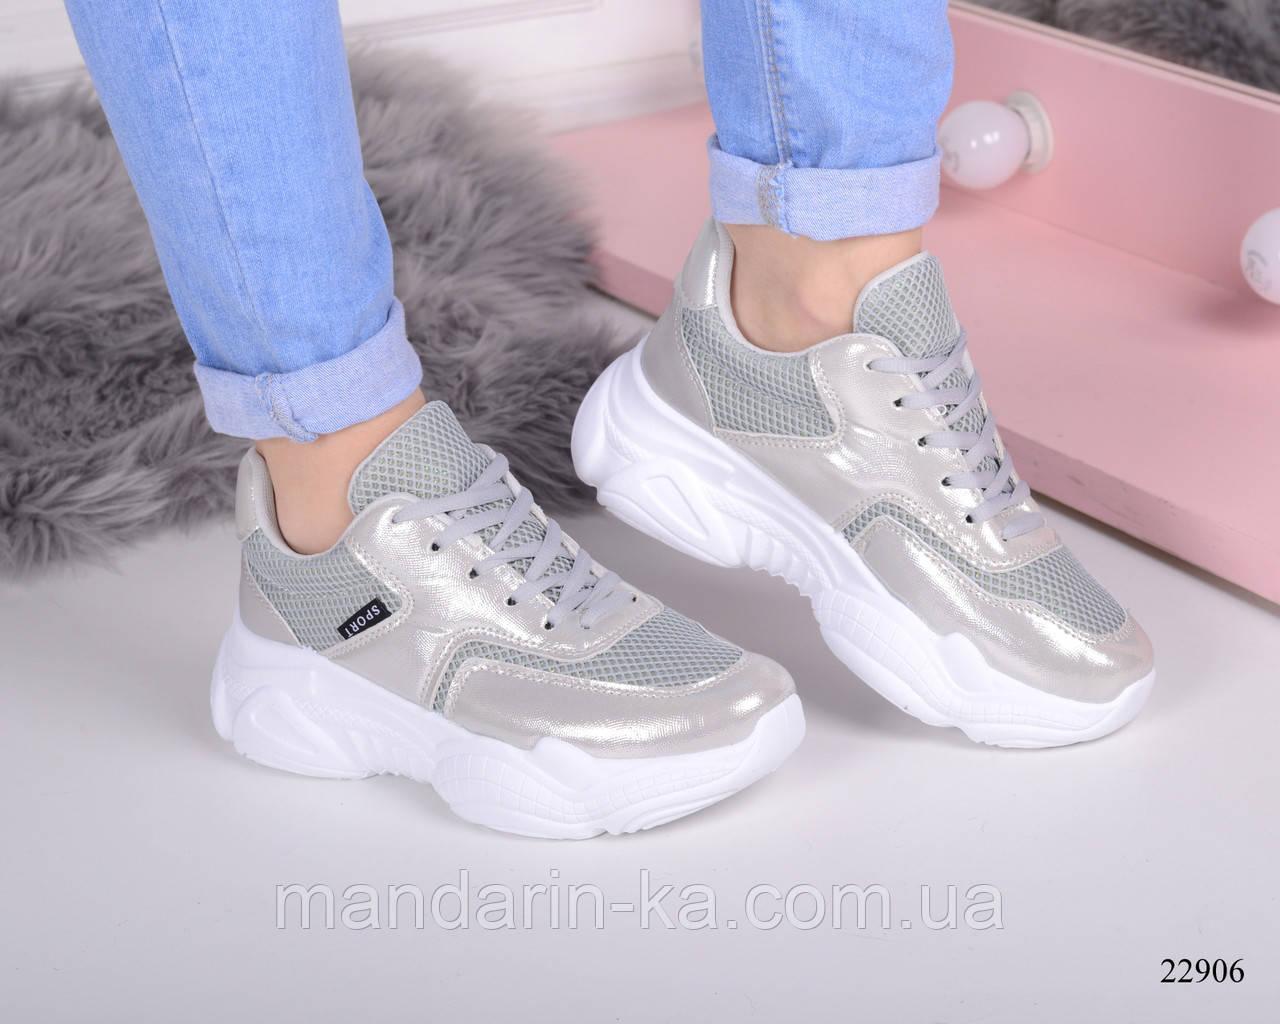 Женские кроссовки на толстой  подошве